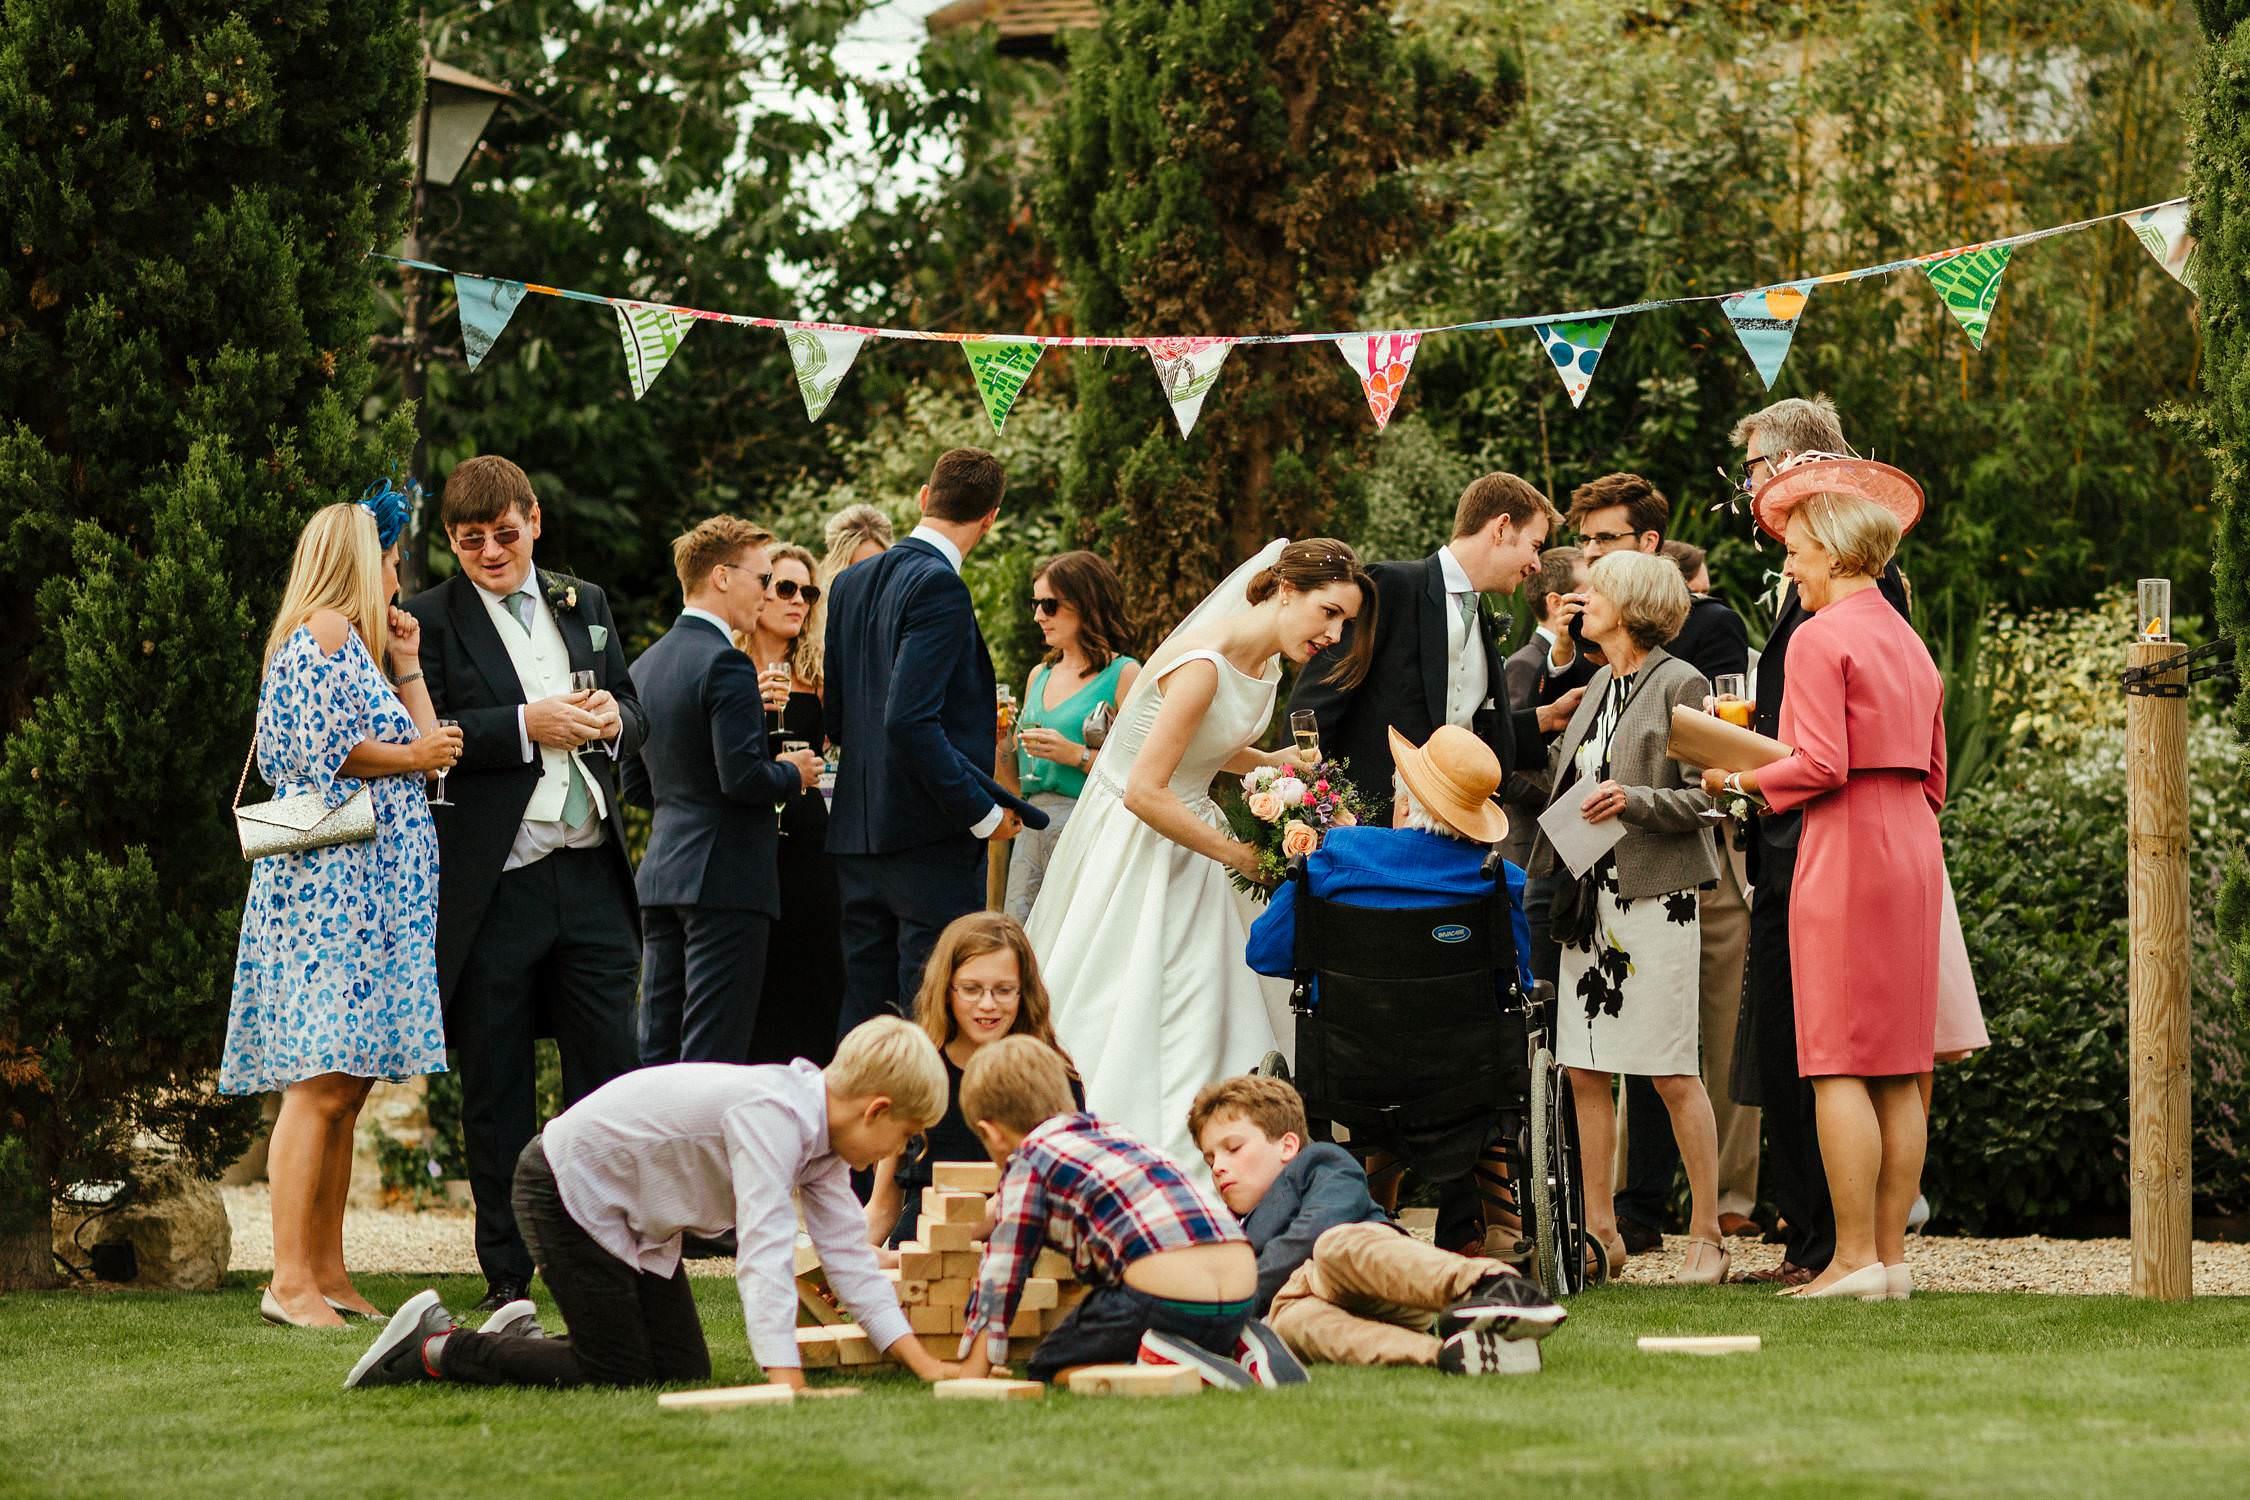 Buckinghamshire-Wedding-Photography-122